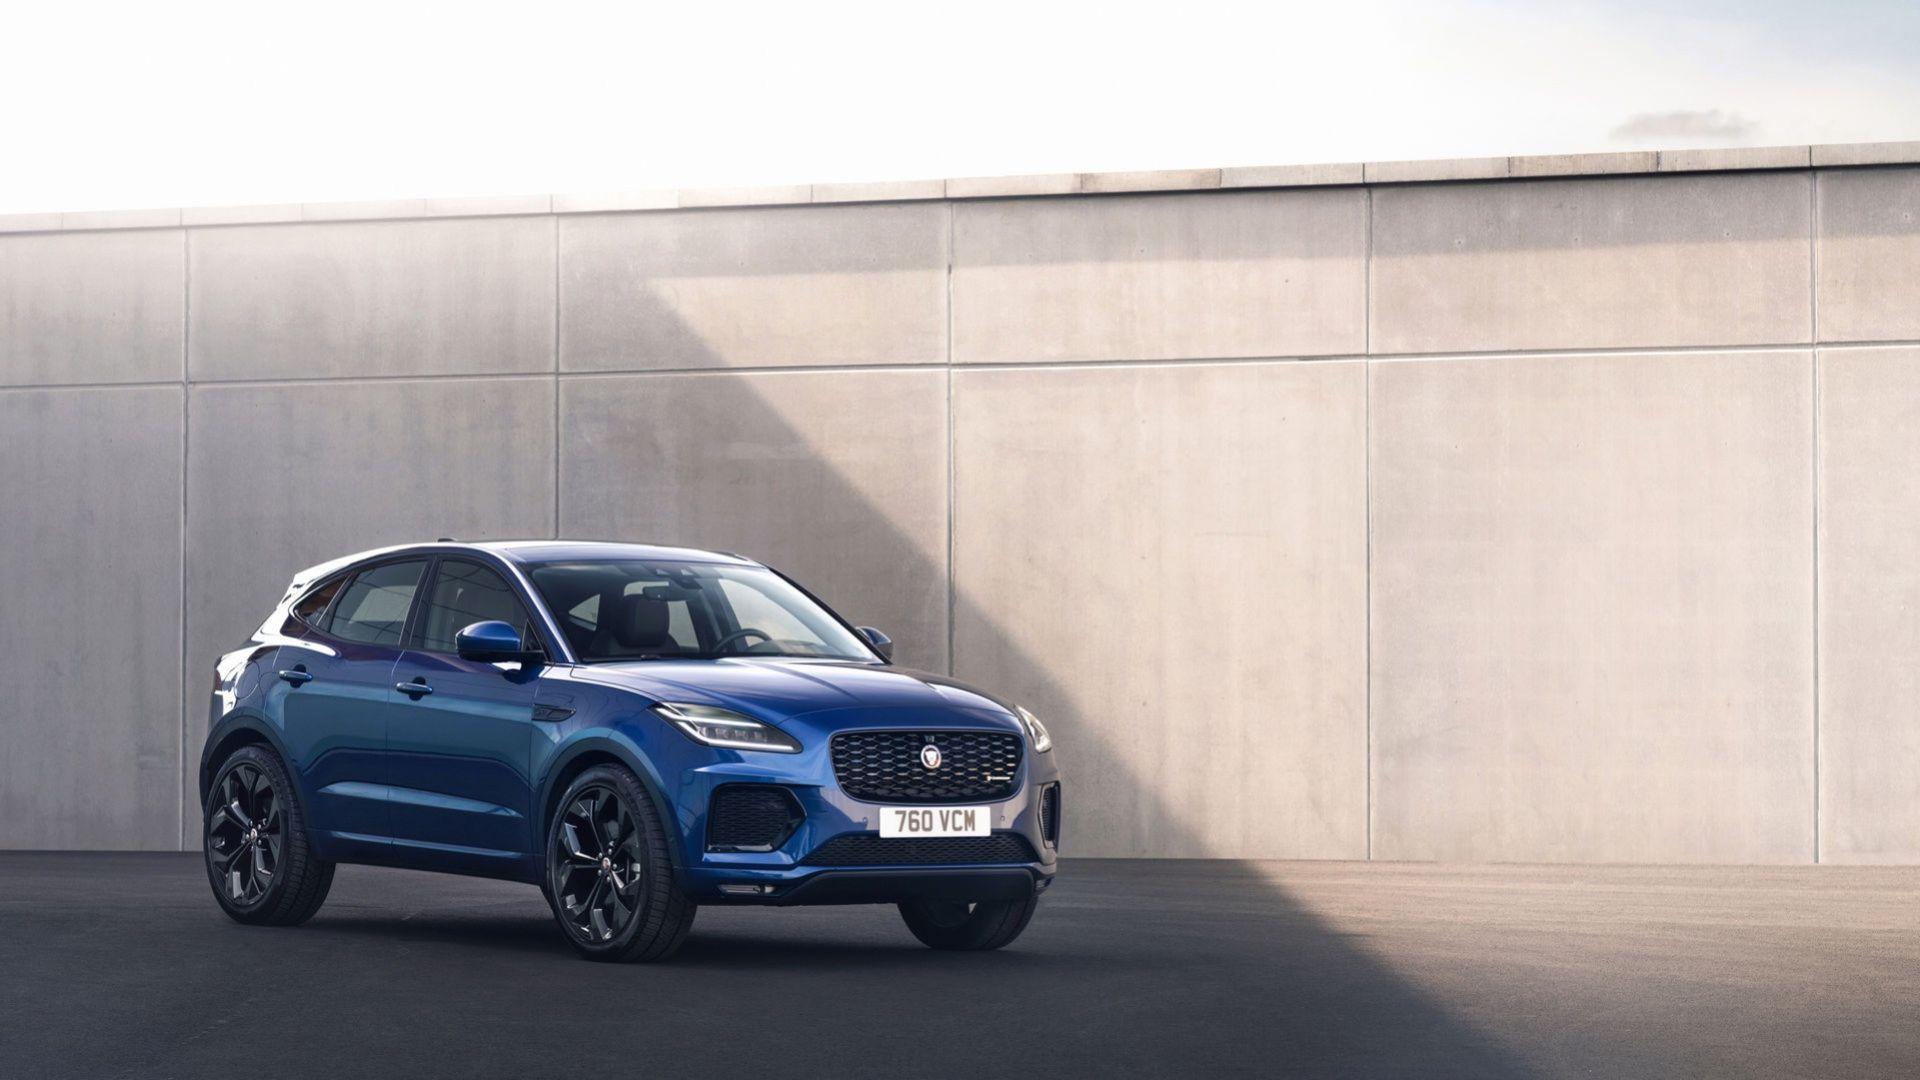 Jaguar lyfter E-Pace